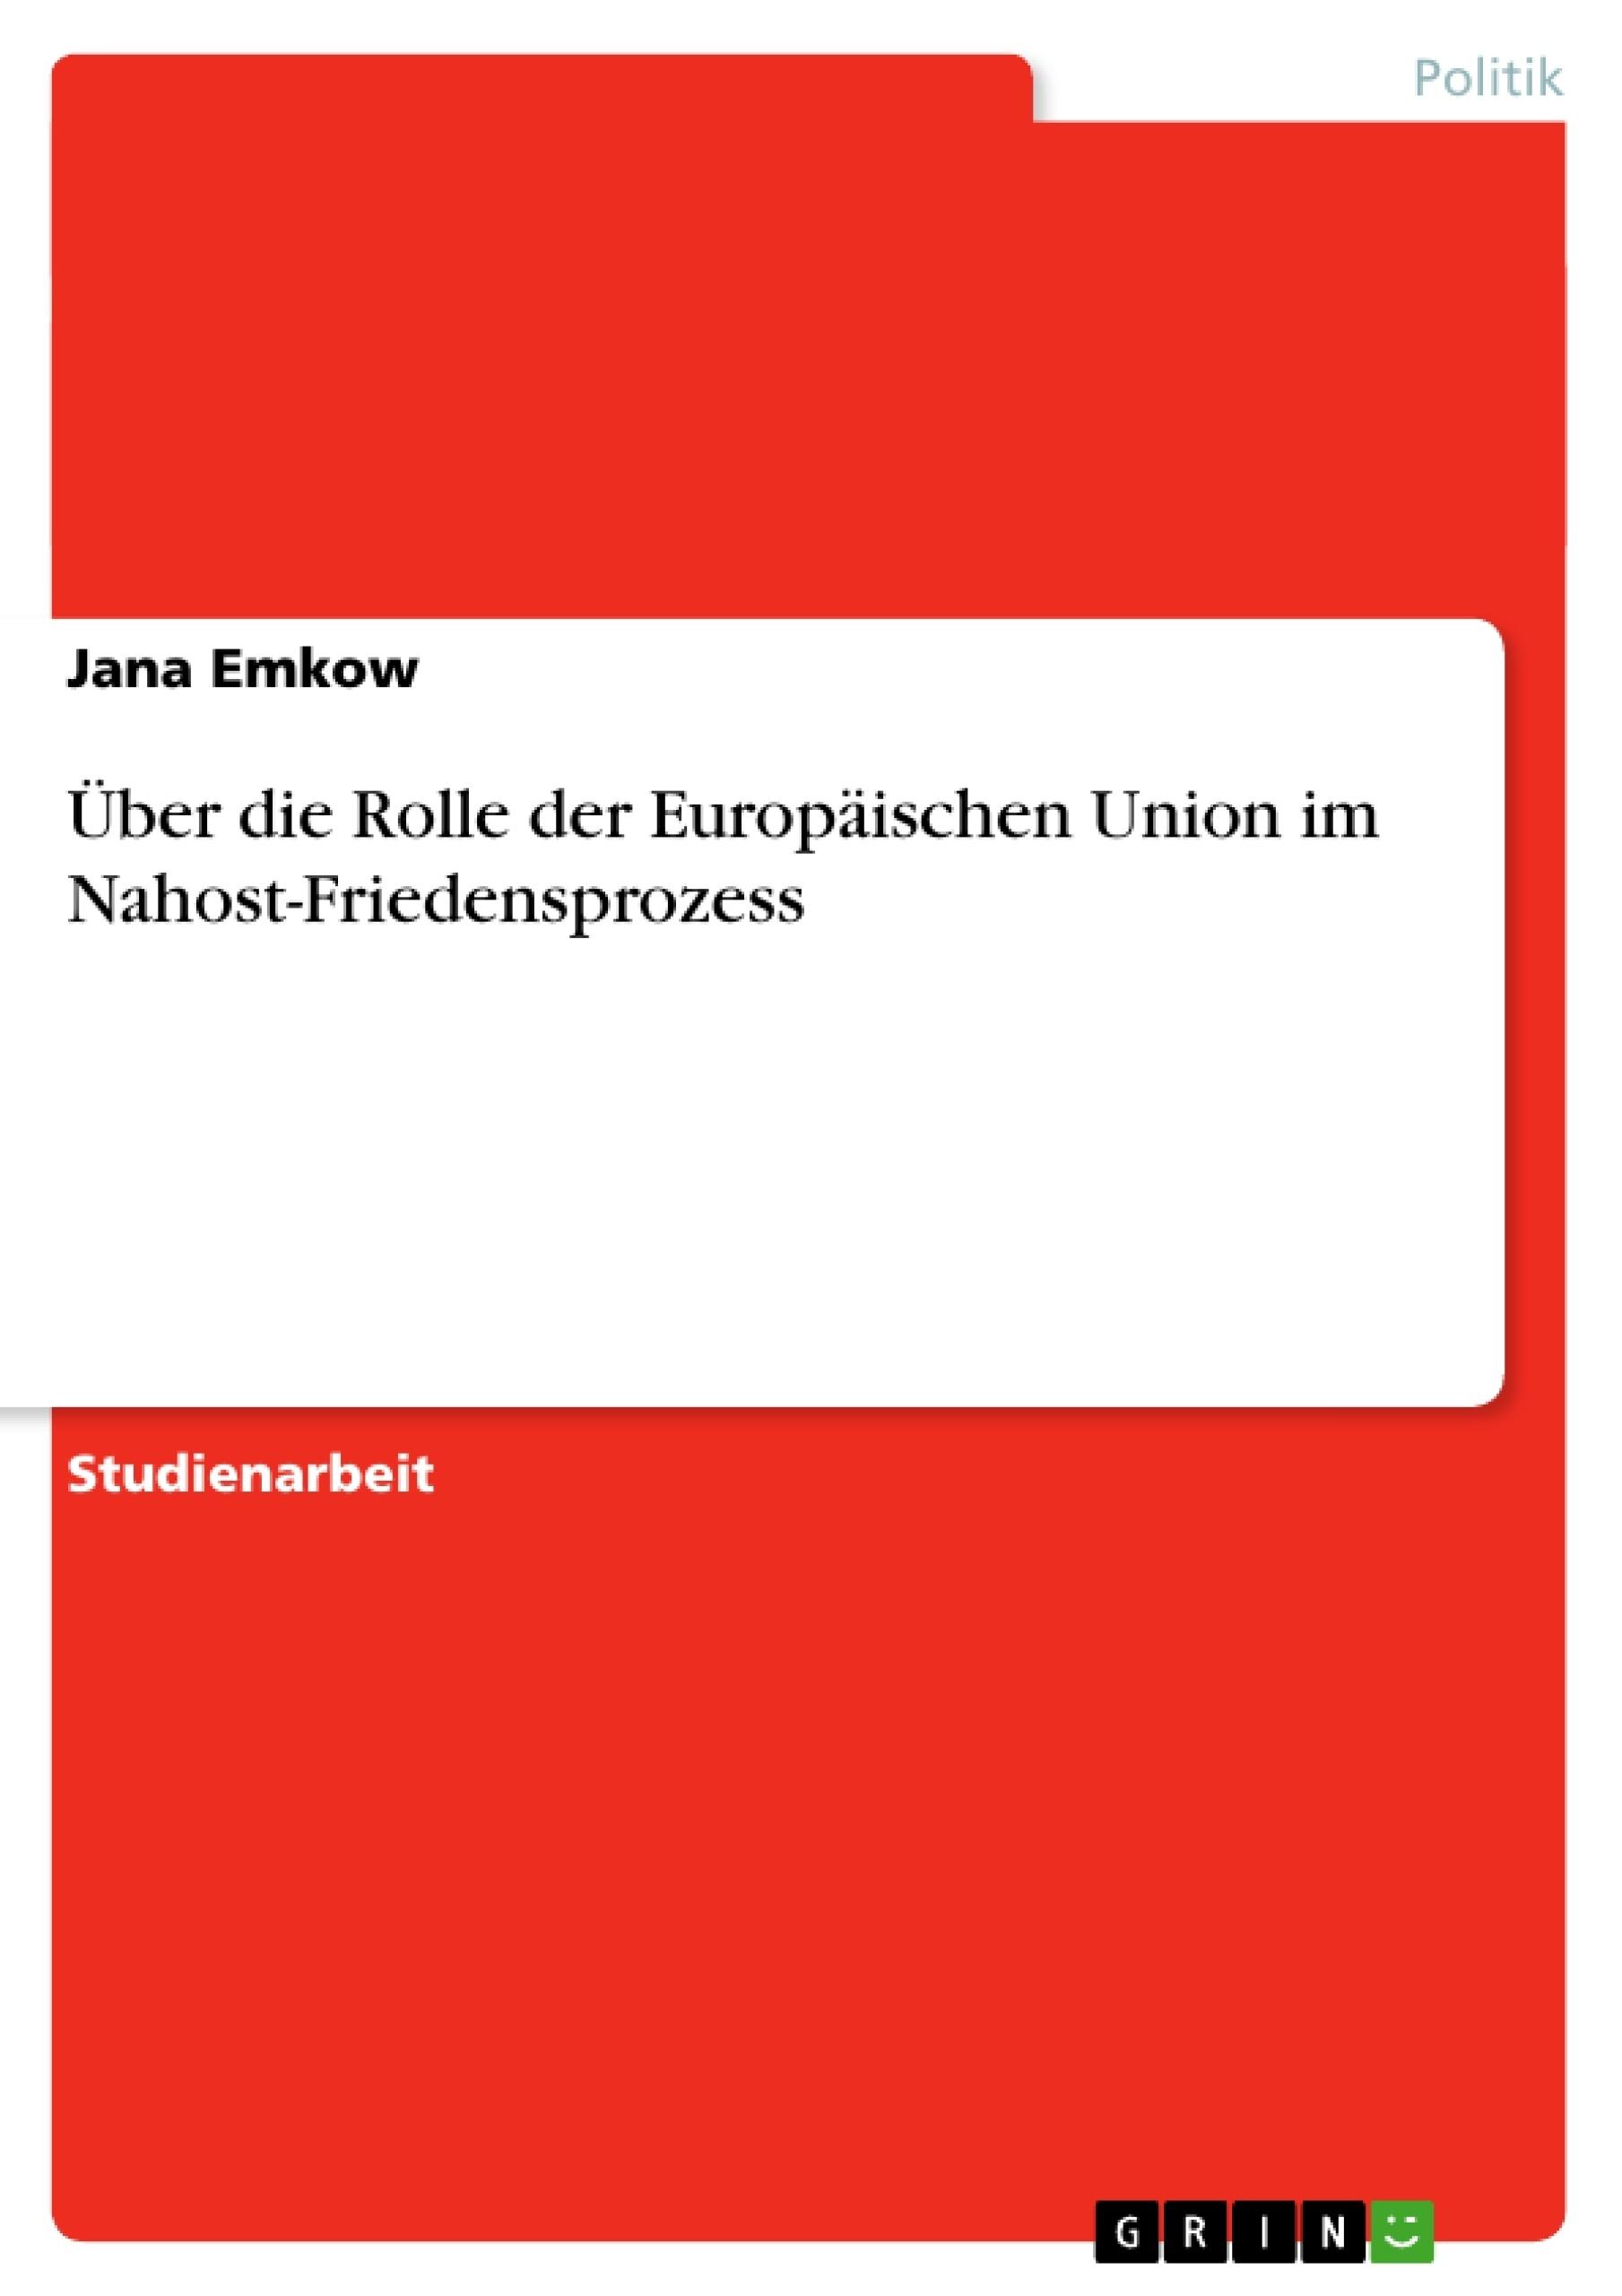 Titel: Über die Rolle der Europäischen Union im Nahost-Friedensprozess